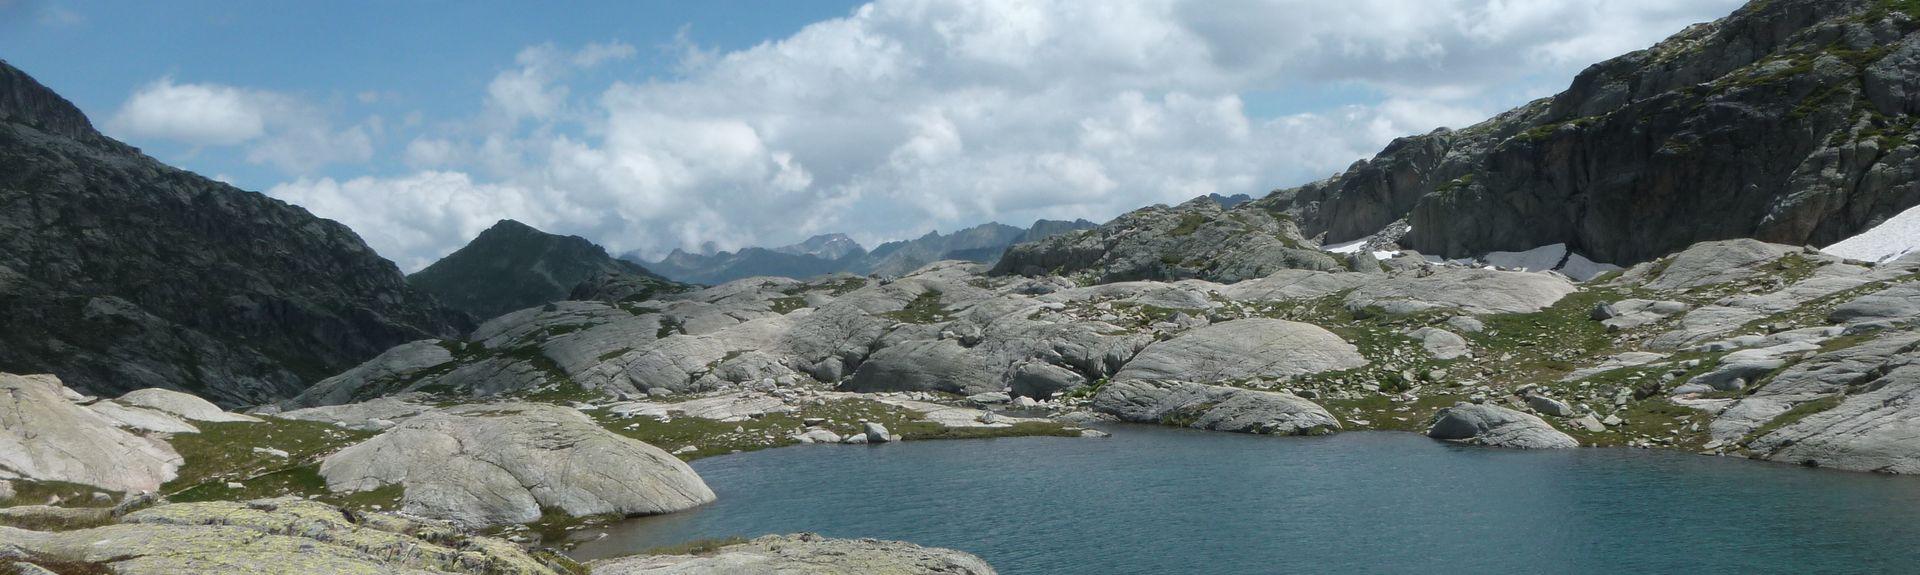 Artalens-Souin, Hautes-Pyrénées, Frankreich